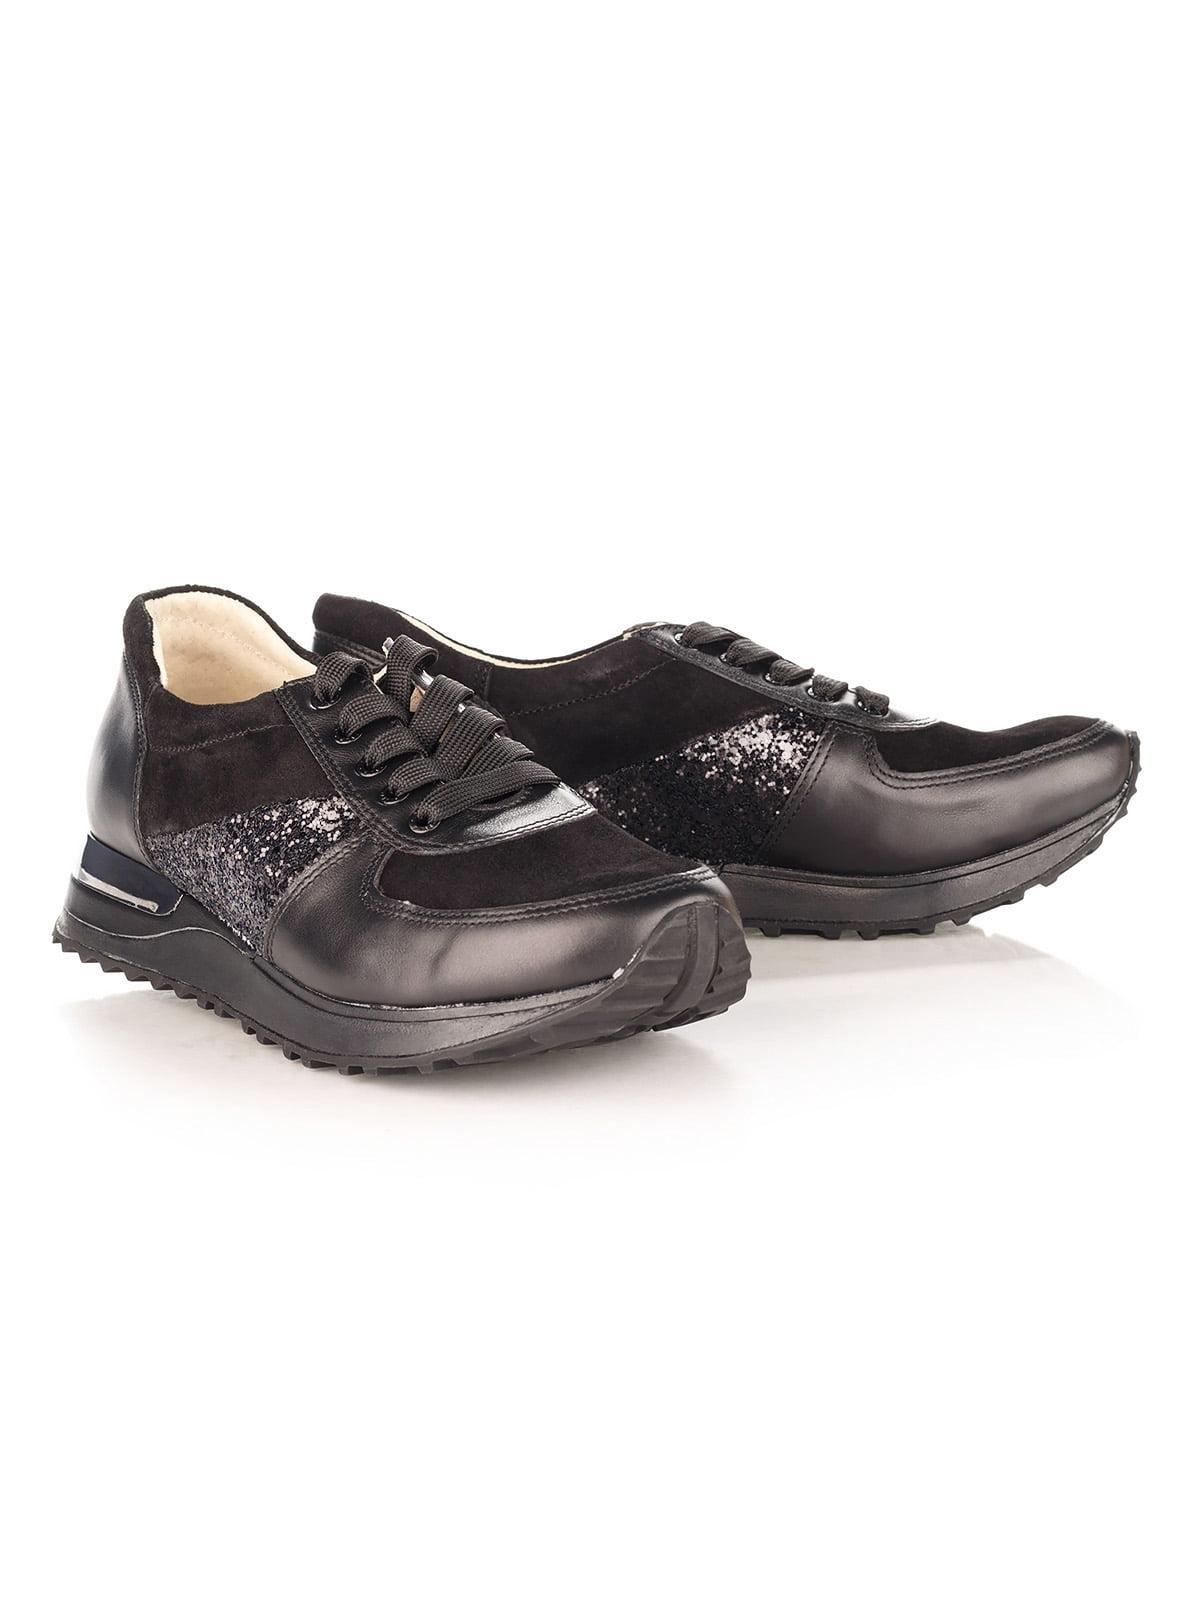 Кросівки з натуральної шкіри чорні з чорною вставкою | 4189851